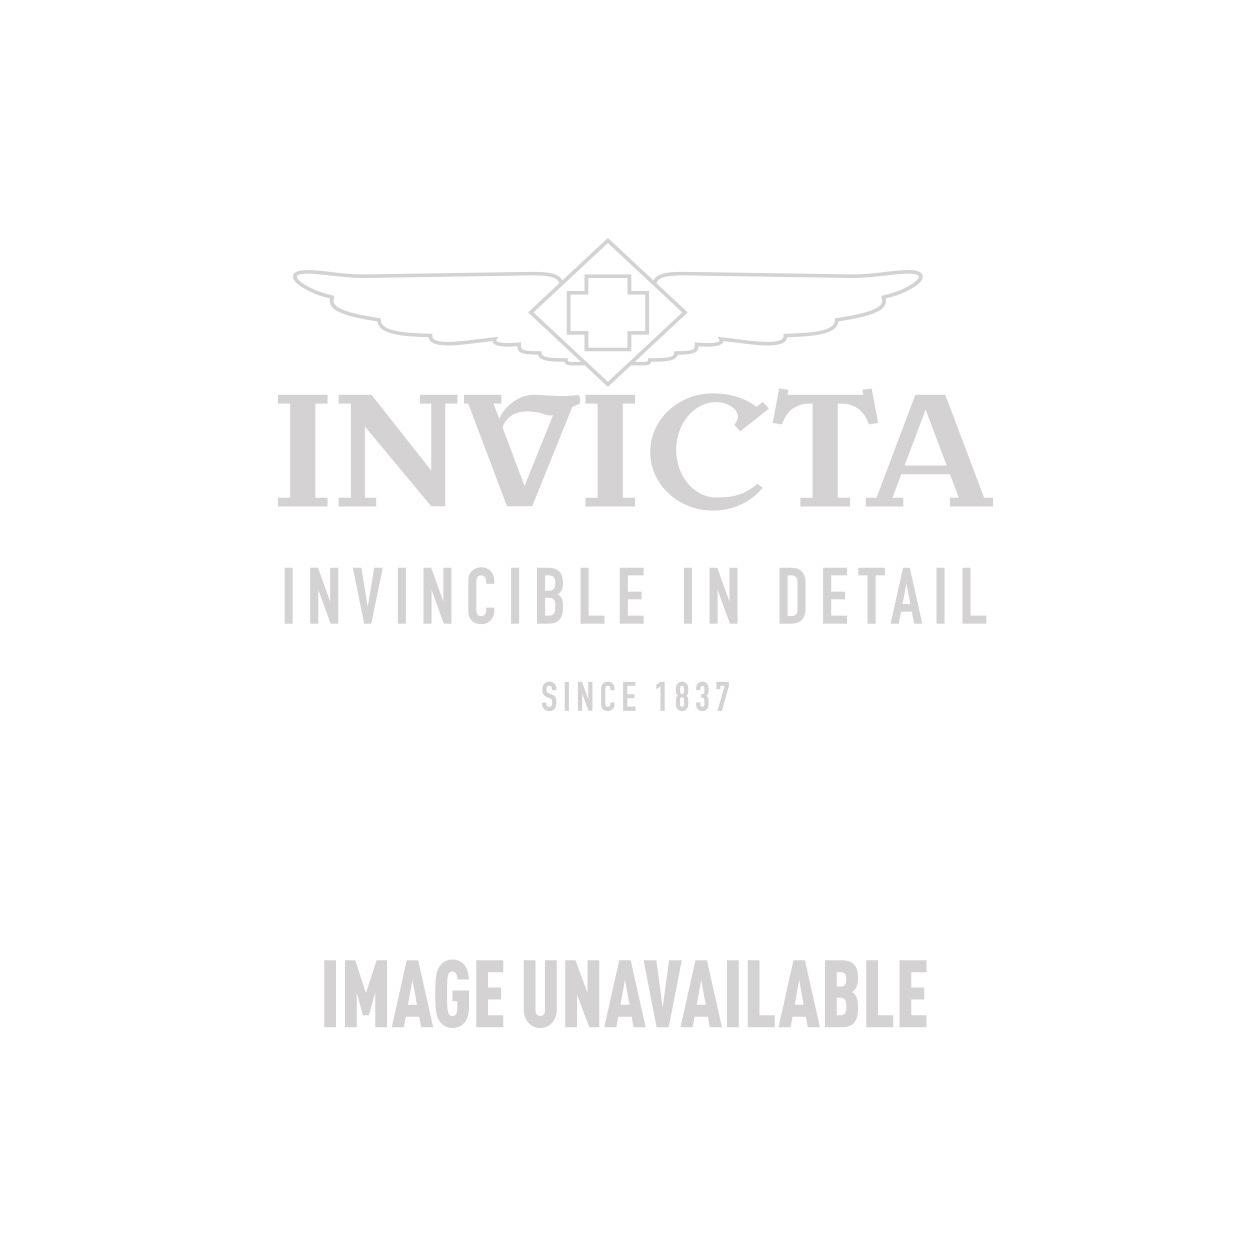 Invicta 22.25cm Men's Bracelets in Rhodium Aged - Model J0309